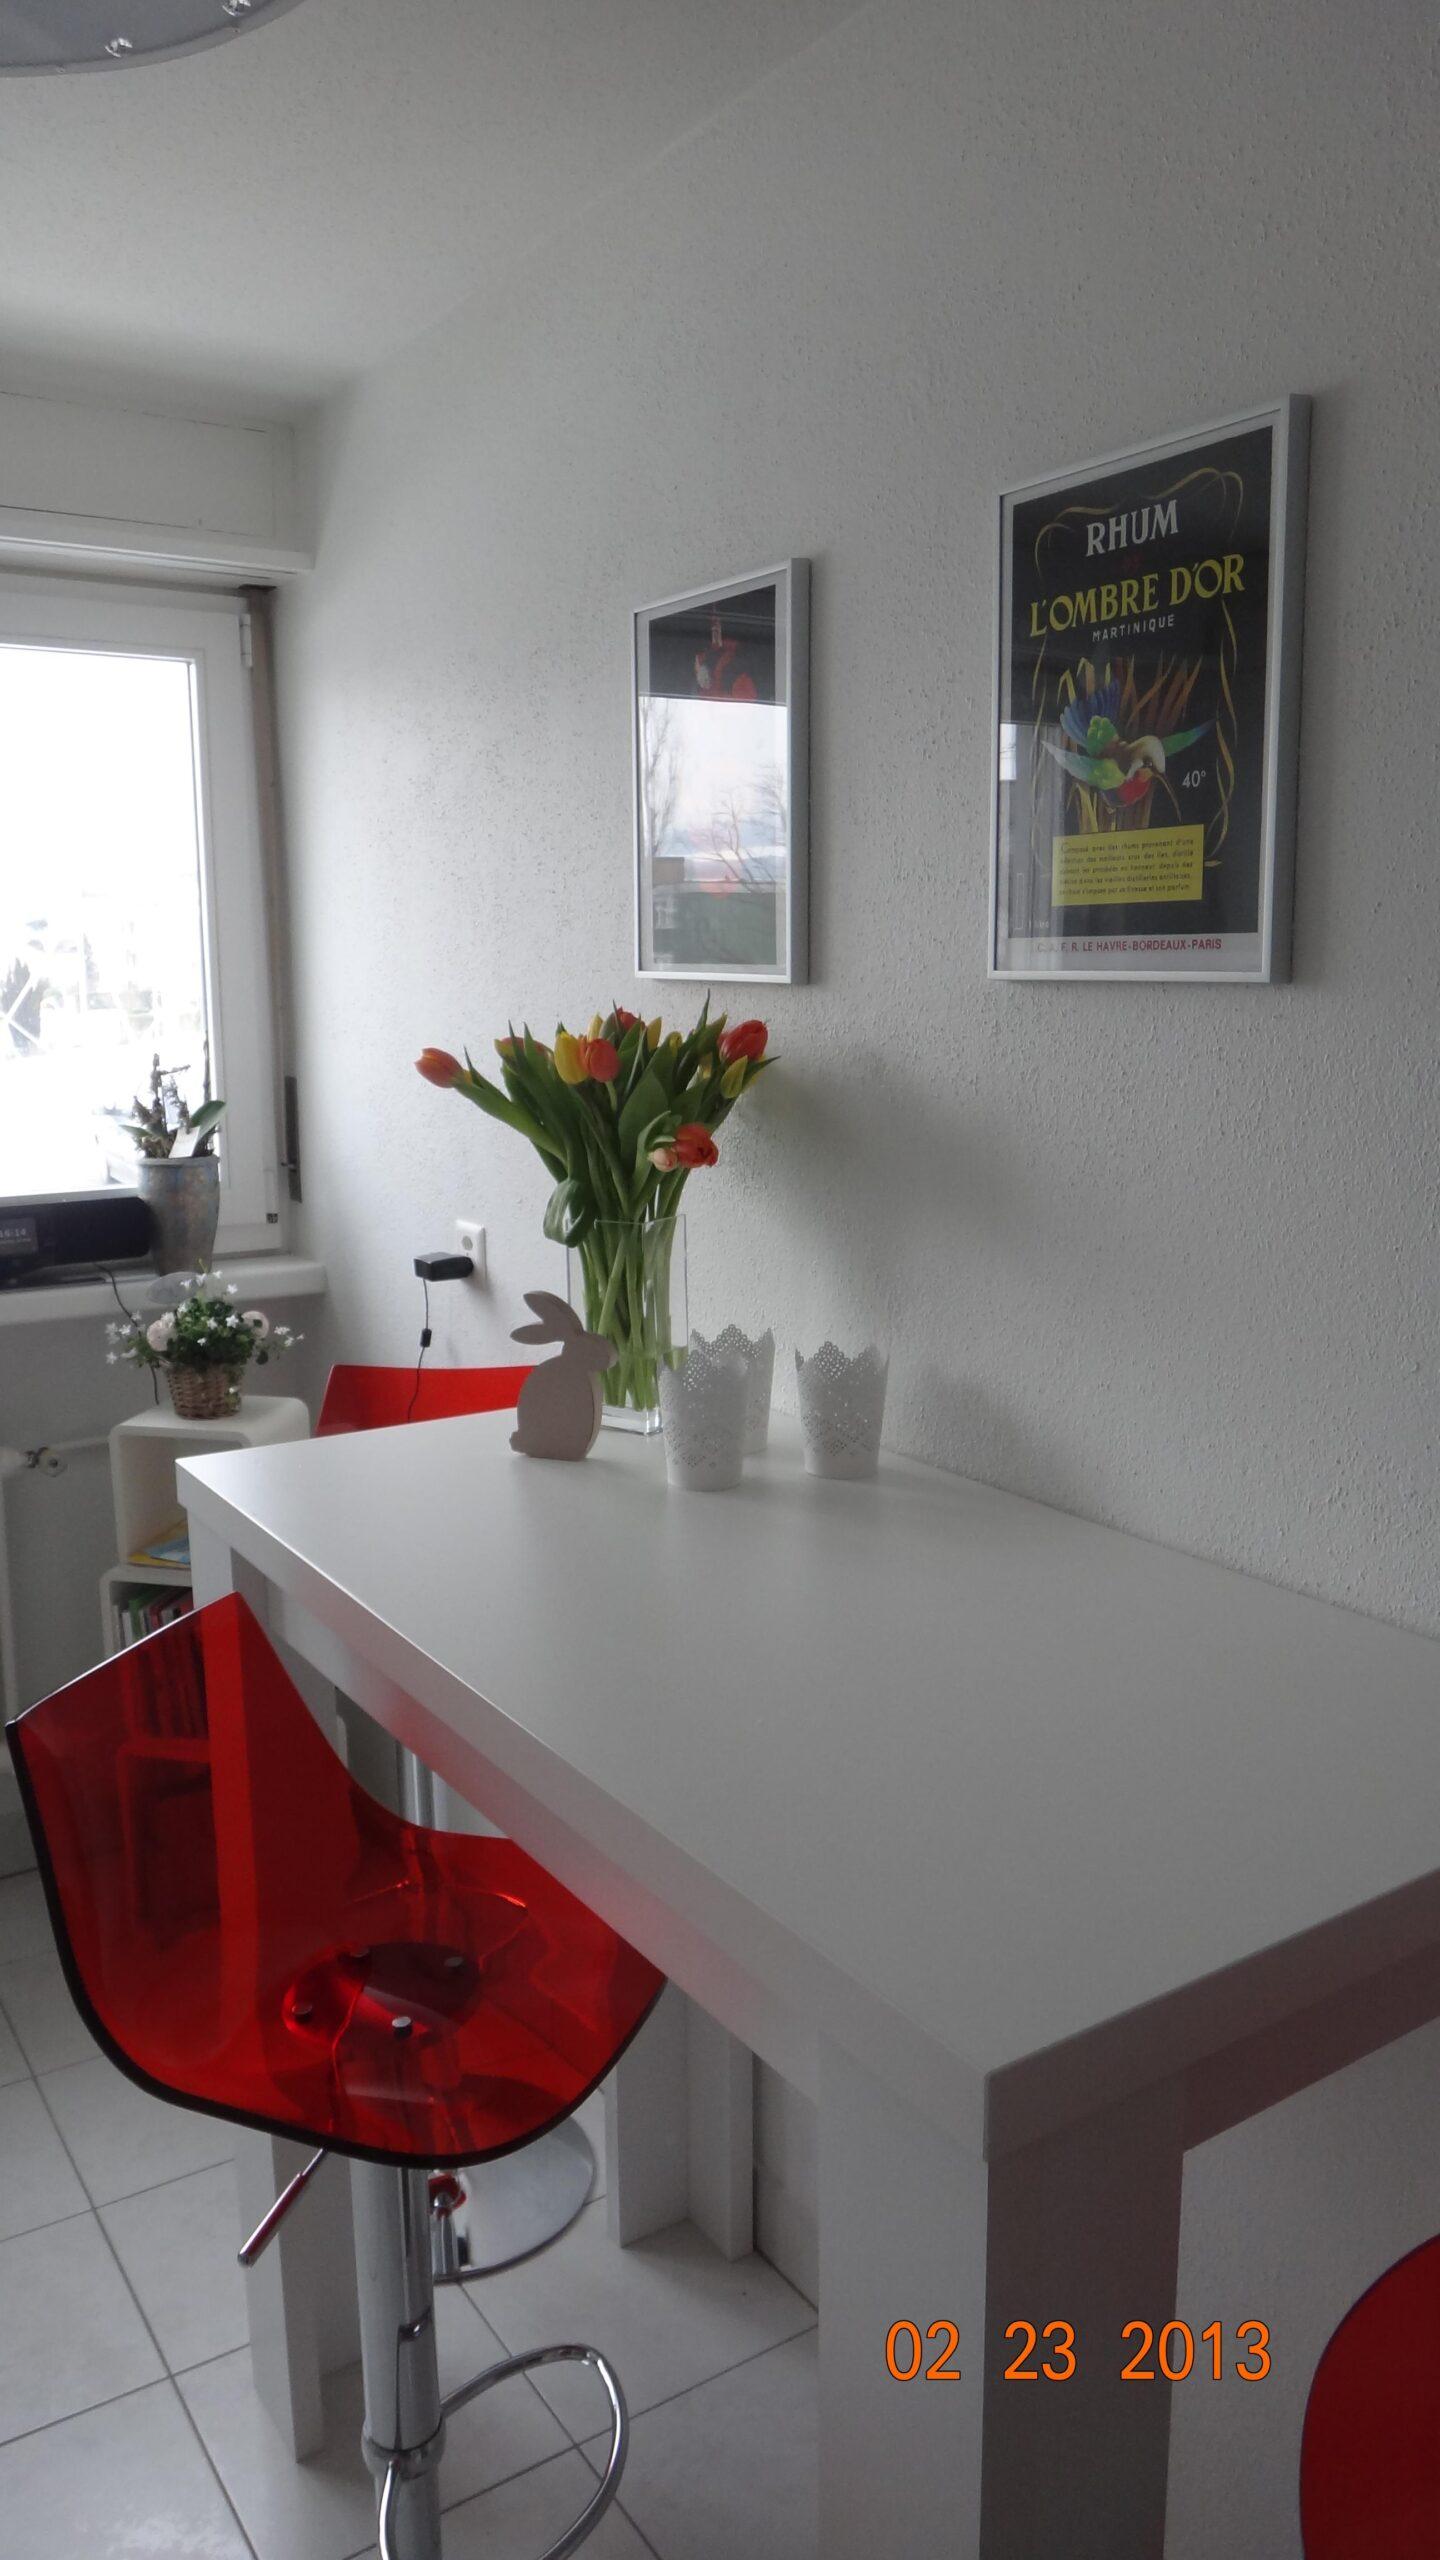 Full Size of Bartisch In Der Kche Tischdeko Julia Si Moderne Landhausküche Schmales Regal Küche Ausstellungsstück Was Kostet Eine Wasserhahn Armatur Auf Raten Wohnzimmer Küche Bartisch